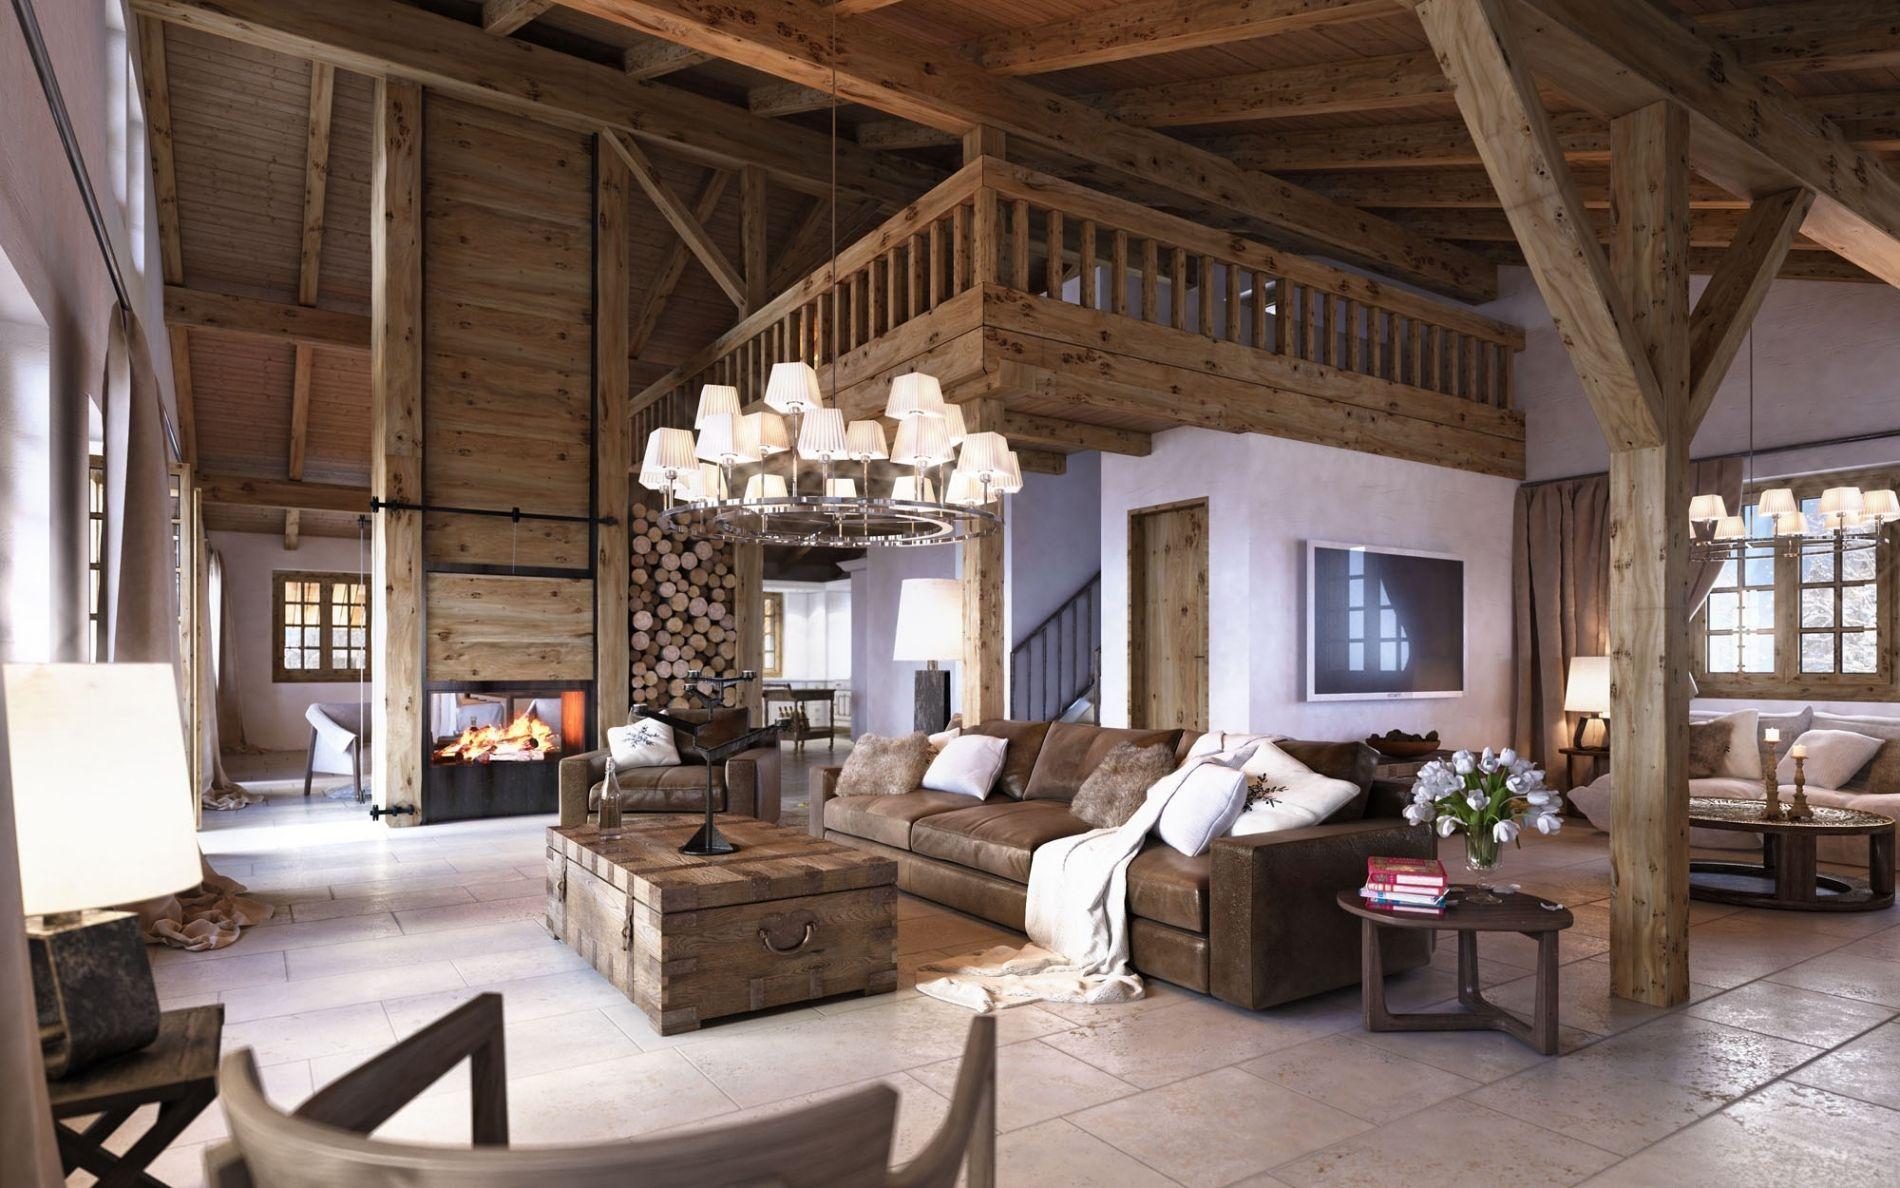 Wunderschone Wohnzimmer Ideen Holz Wohnzimmermobel Pinterest